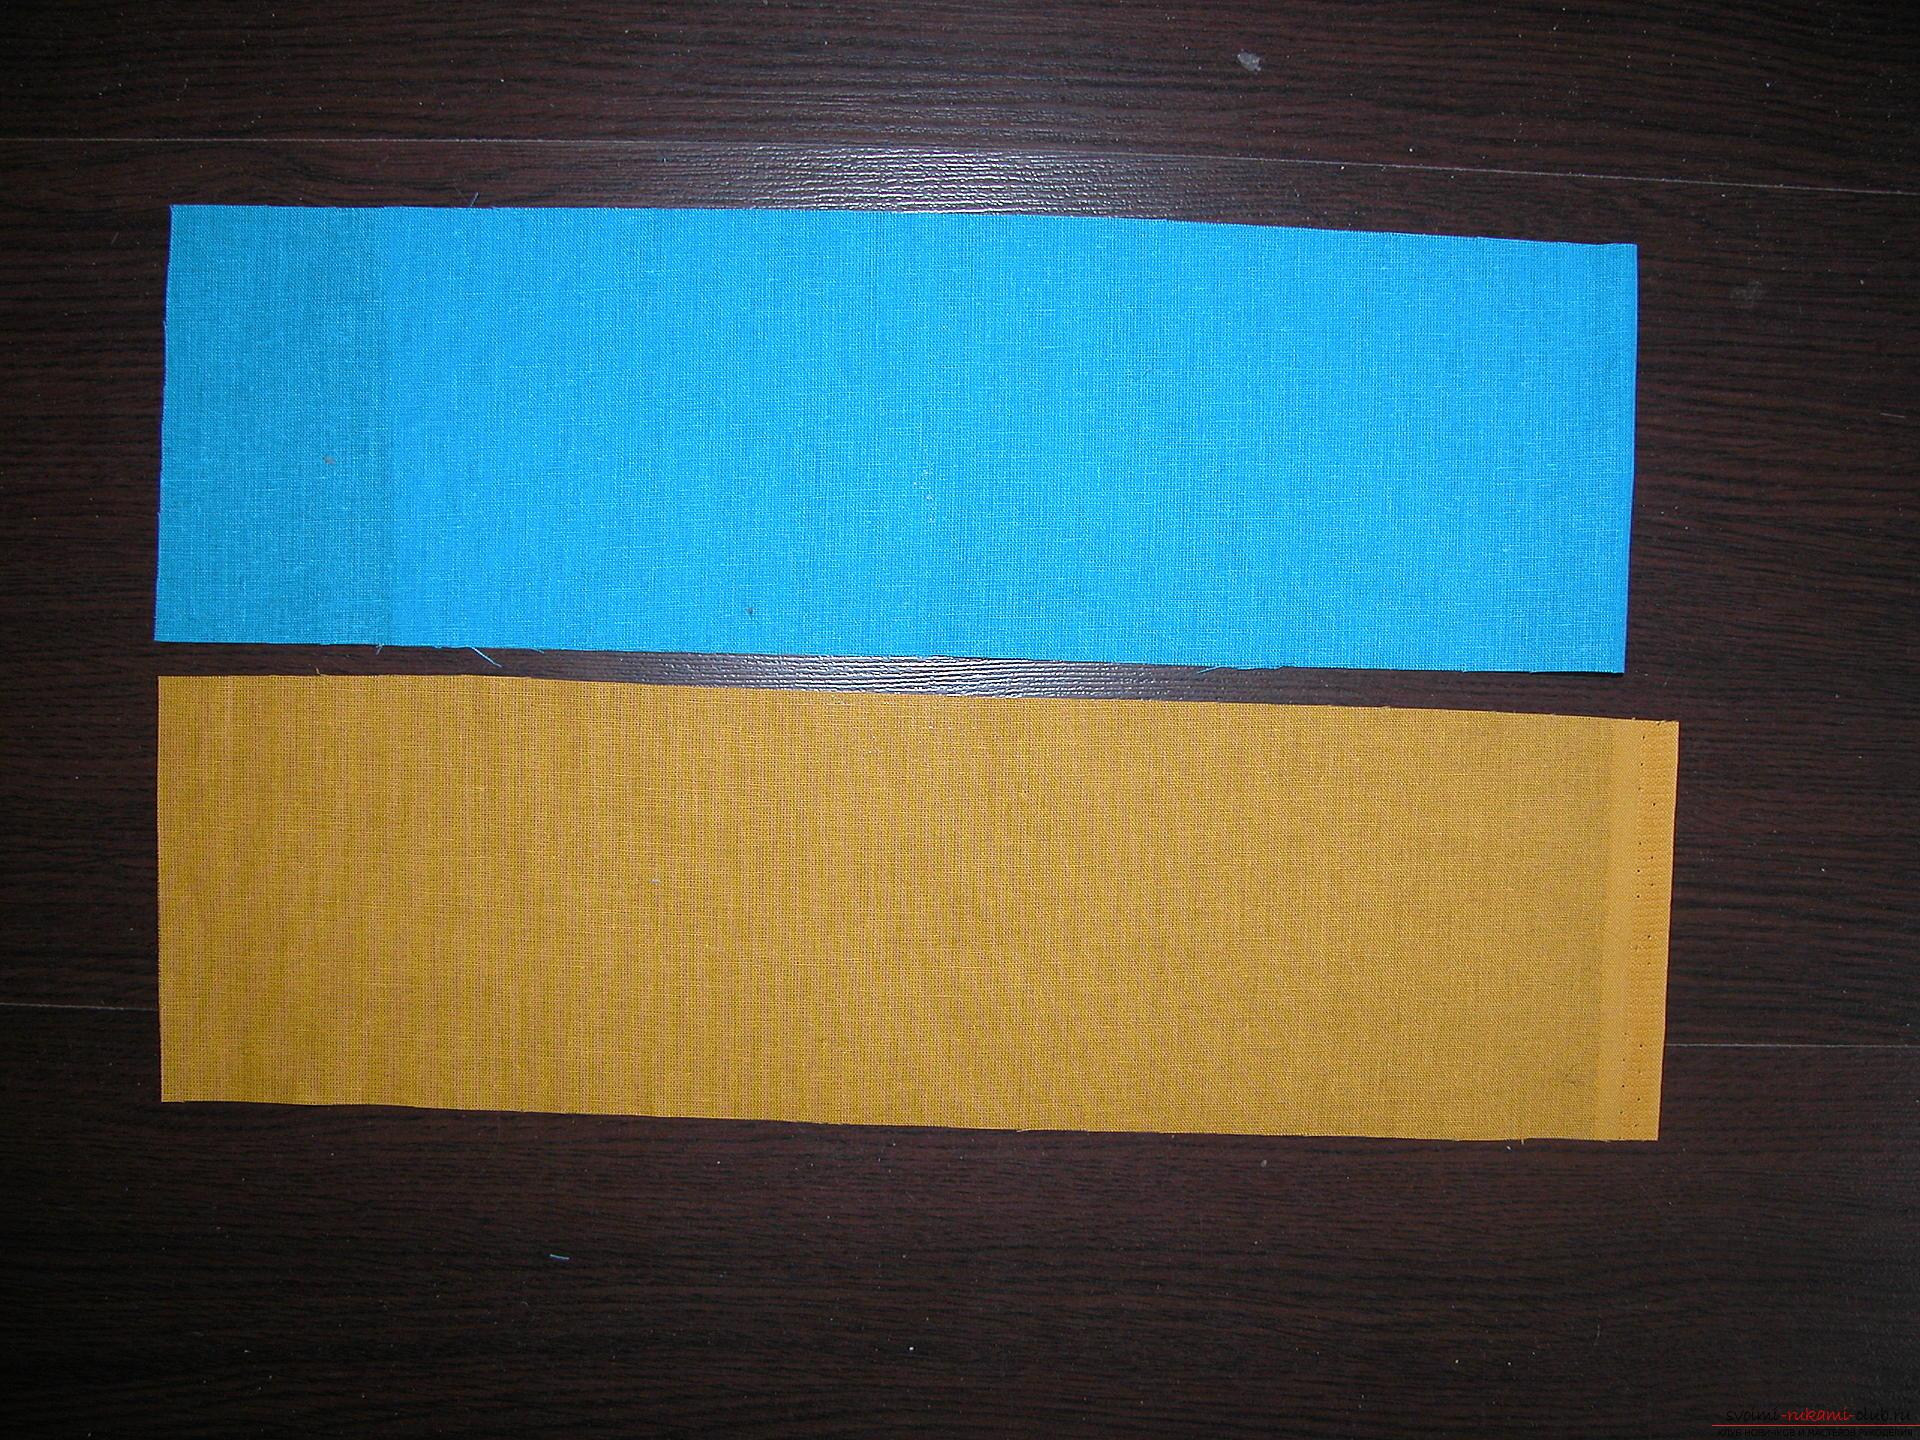 Подробный мастер класс по шитью детского лоскутного одеяла. Фото №3